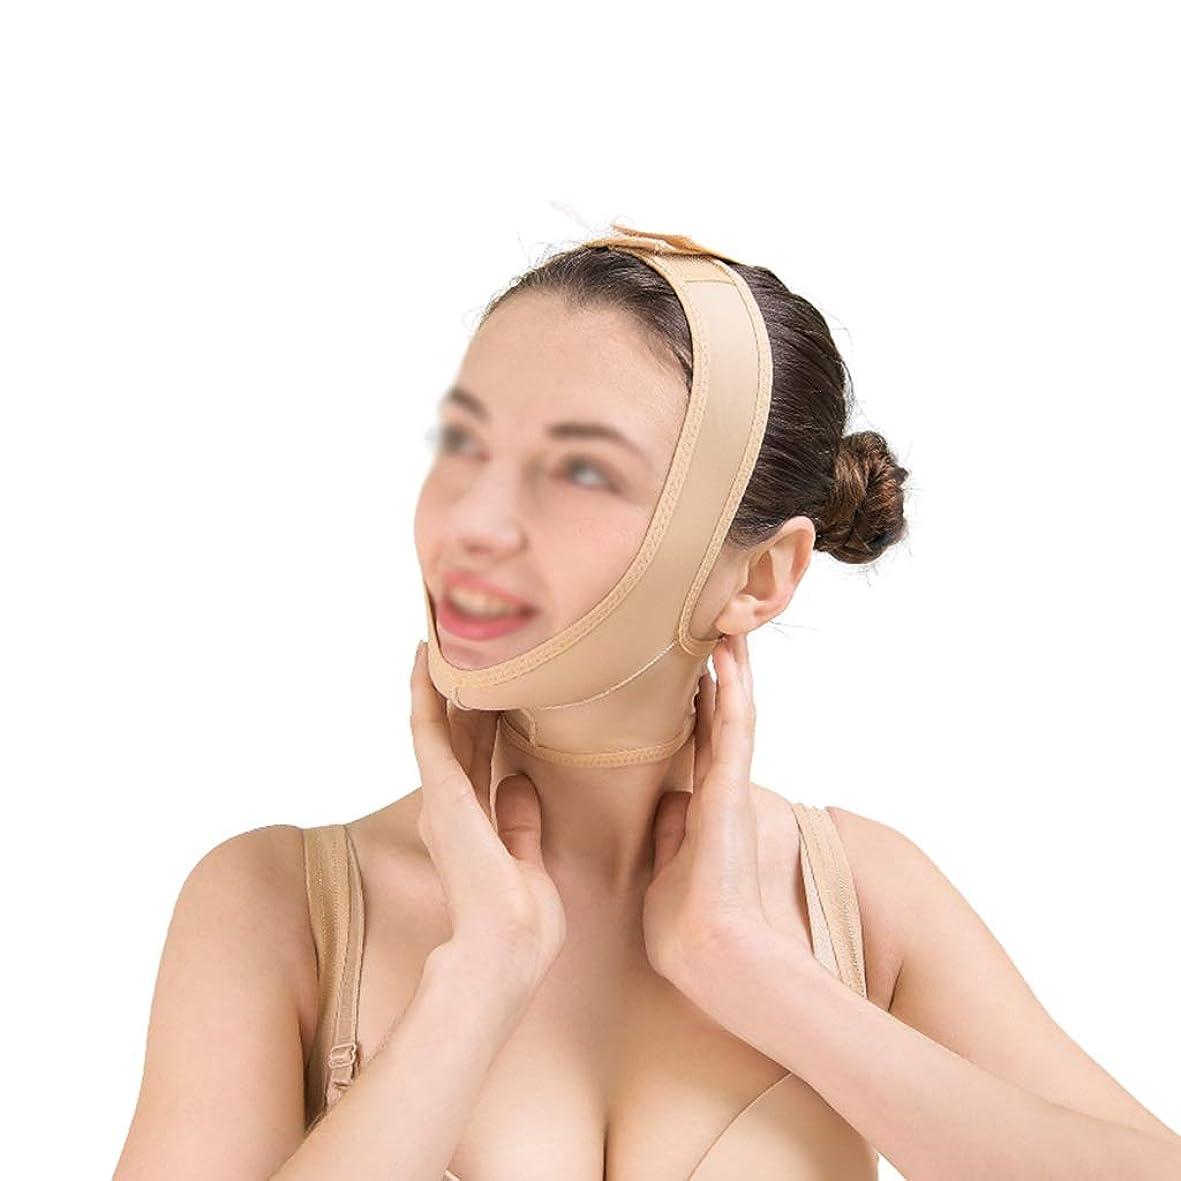 消費するニッケル活性化XHLMRMJ 二重あごのストラップ、包帯を持ち上げる、持ち上がると肌の包帯を引き締める、通気性のフェイスマスク、快適で通気性のある顔の持ち上がるマスク (Size : XL)